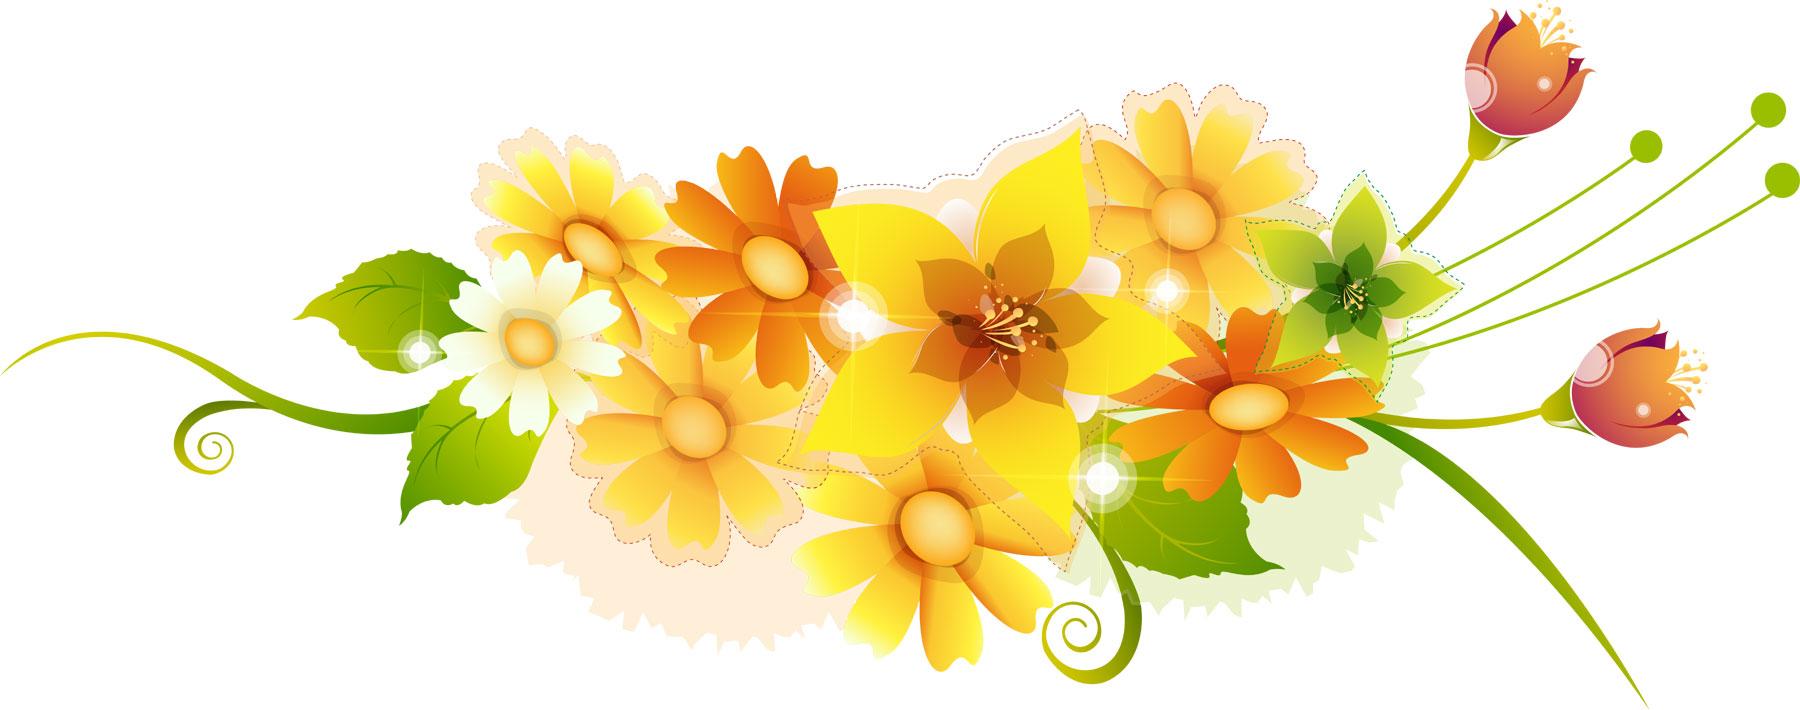 イラスト イラスト枠 無料 ダウンロード : 花のライン線イラスト-黄緑赤 ...